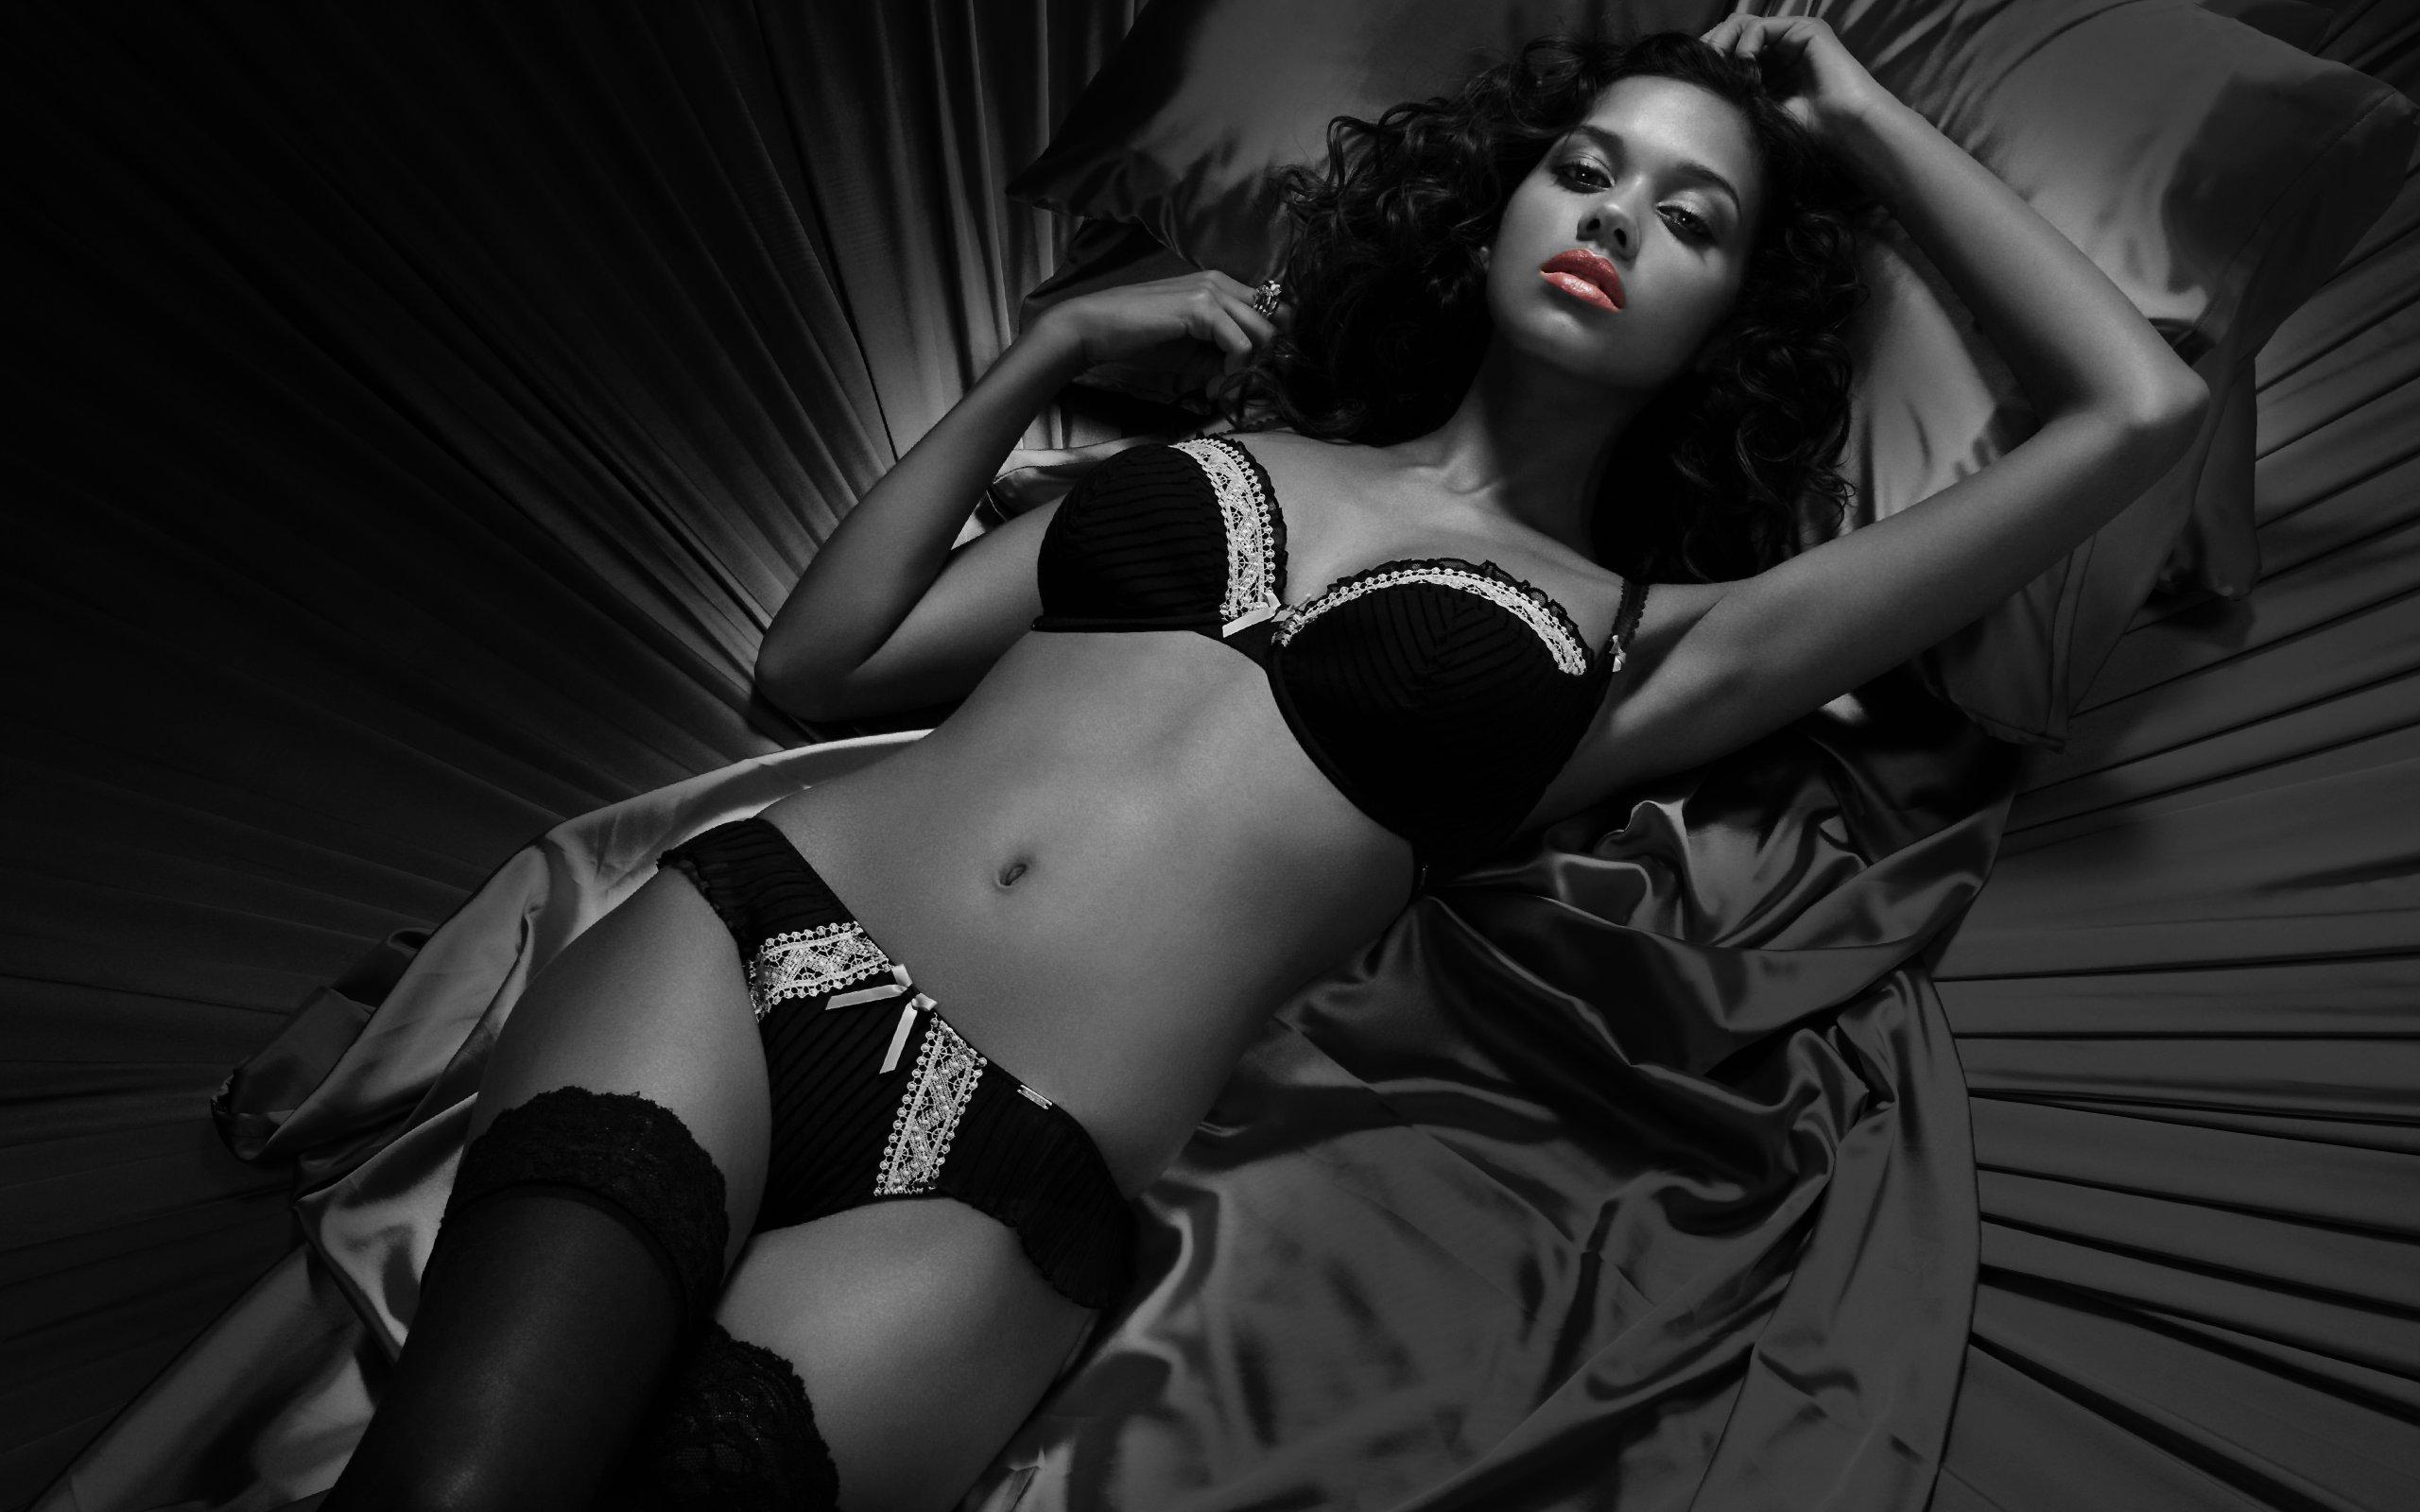 Чёрный эротический актёр 6 фотография